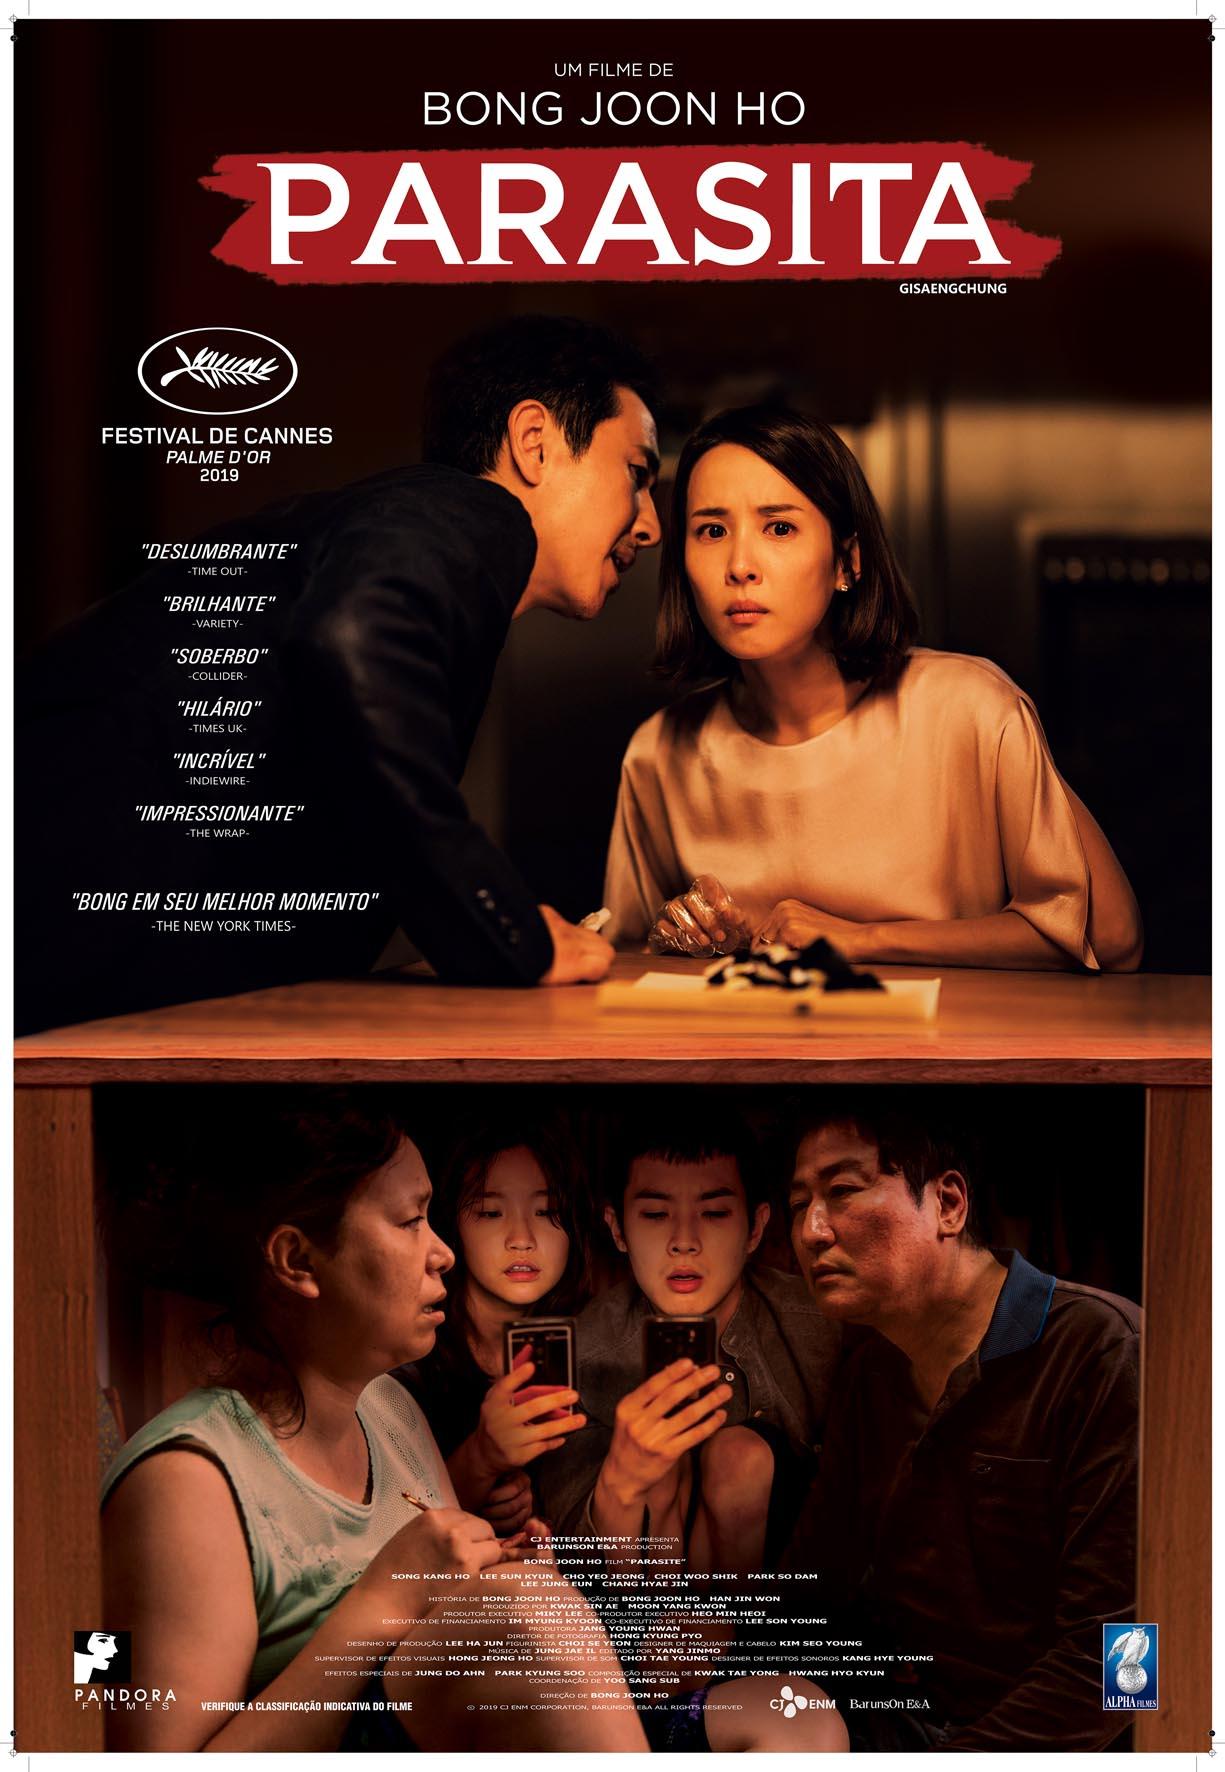 Parasitas (2019), de Bong Joon-ho